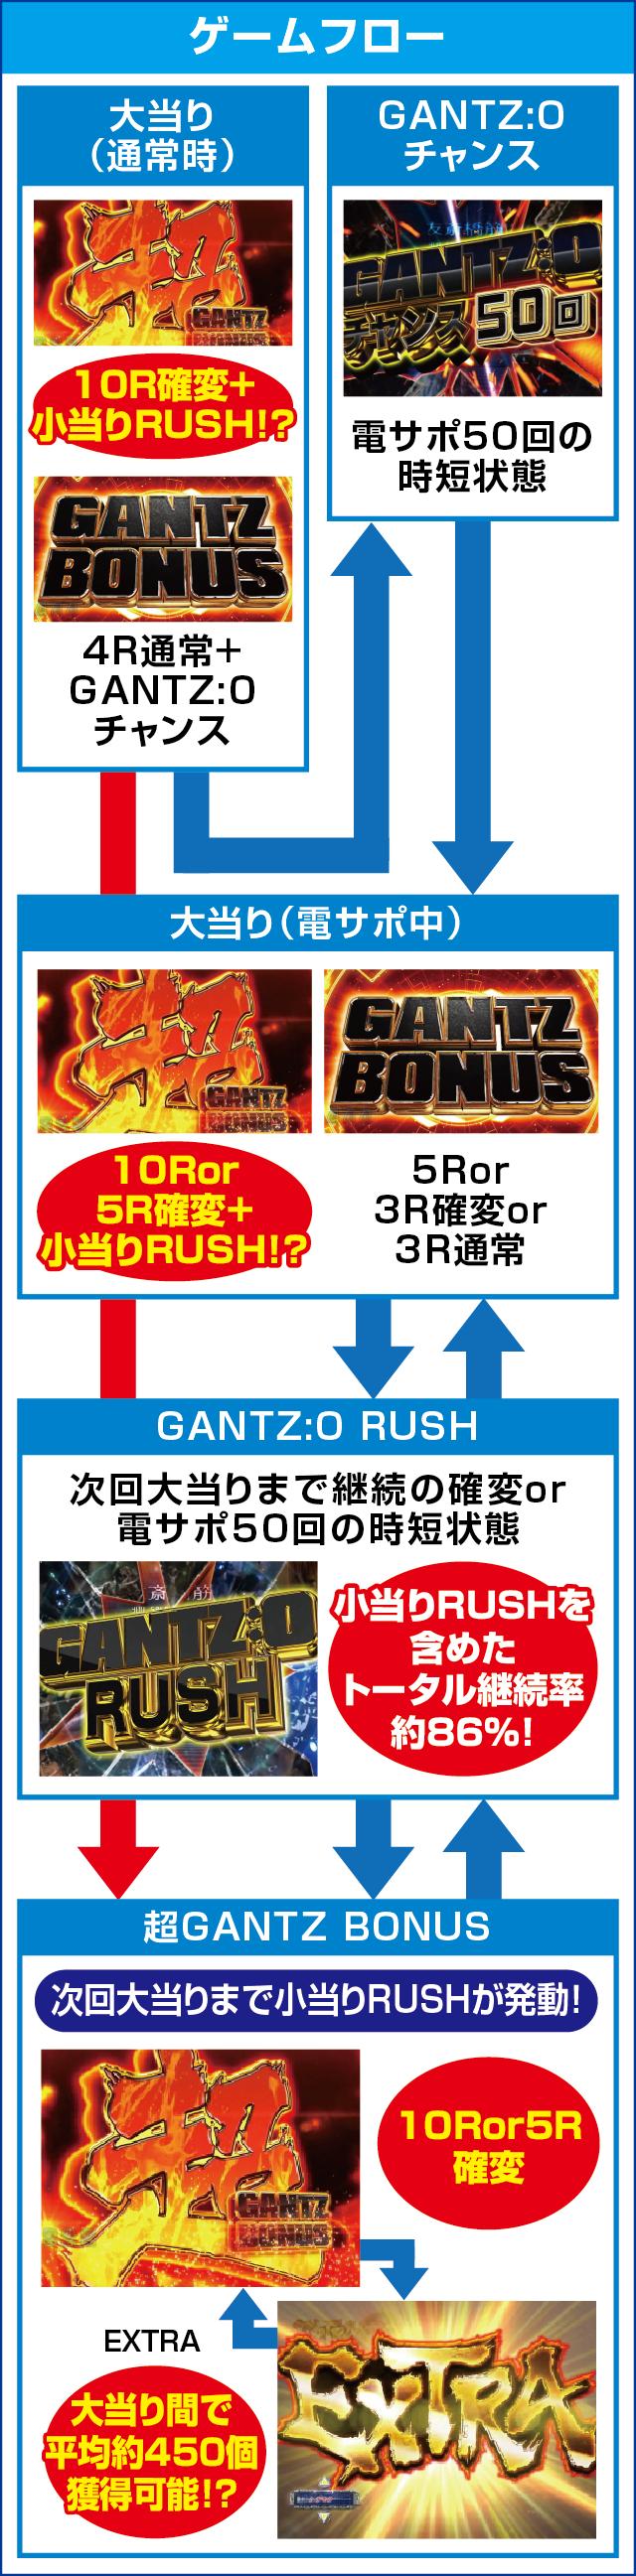 ぱちんこGANTZ2 Sweet ばーじょんのピックアップポイント